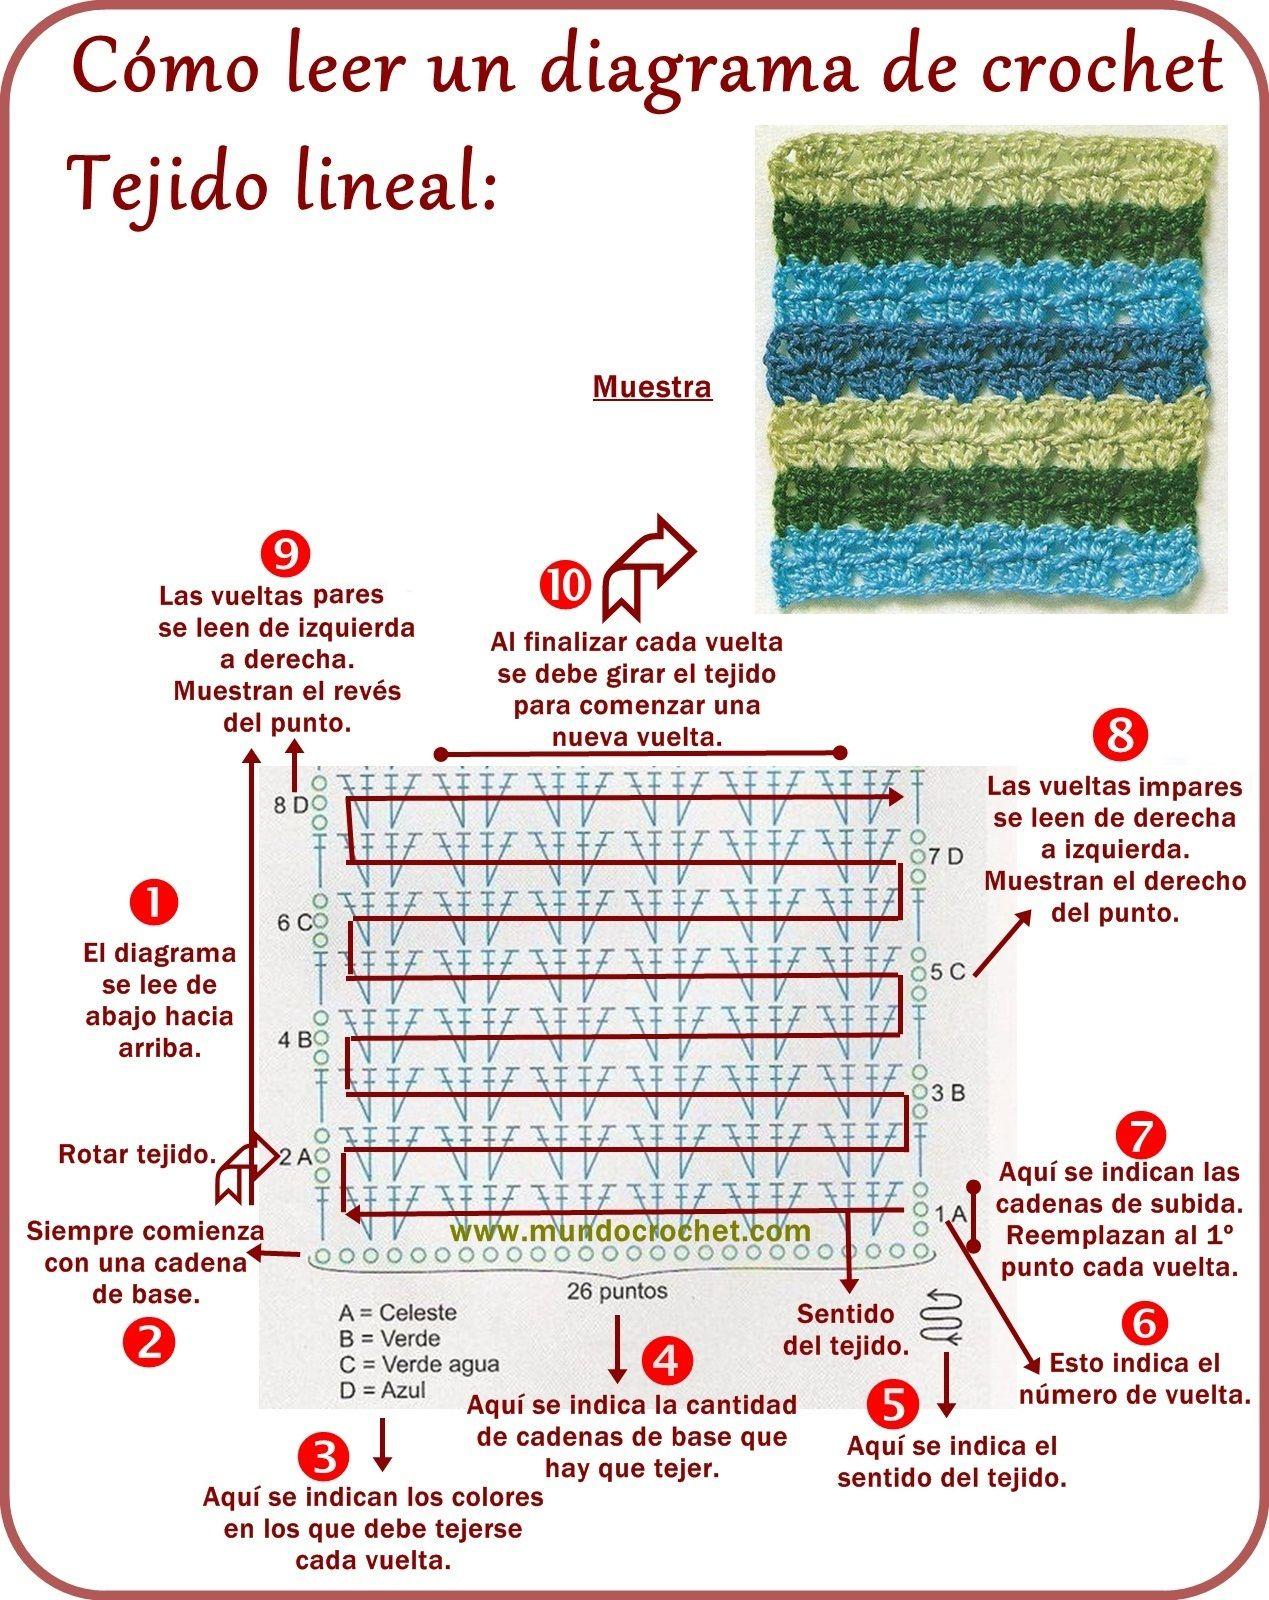 Cómo Leer Diagramas de Crochet Fácil y Muy Bien Explicado | Patrones ...